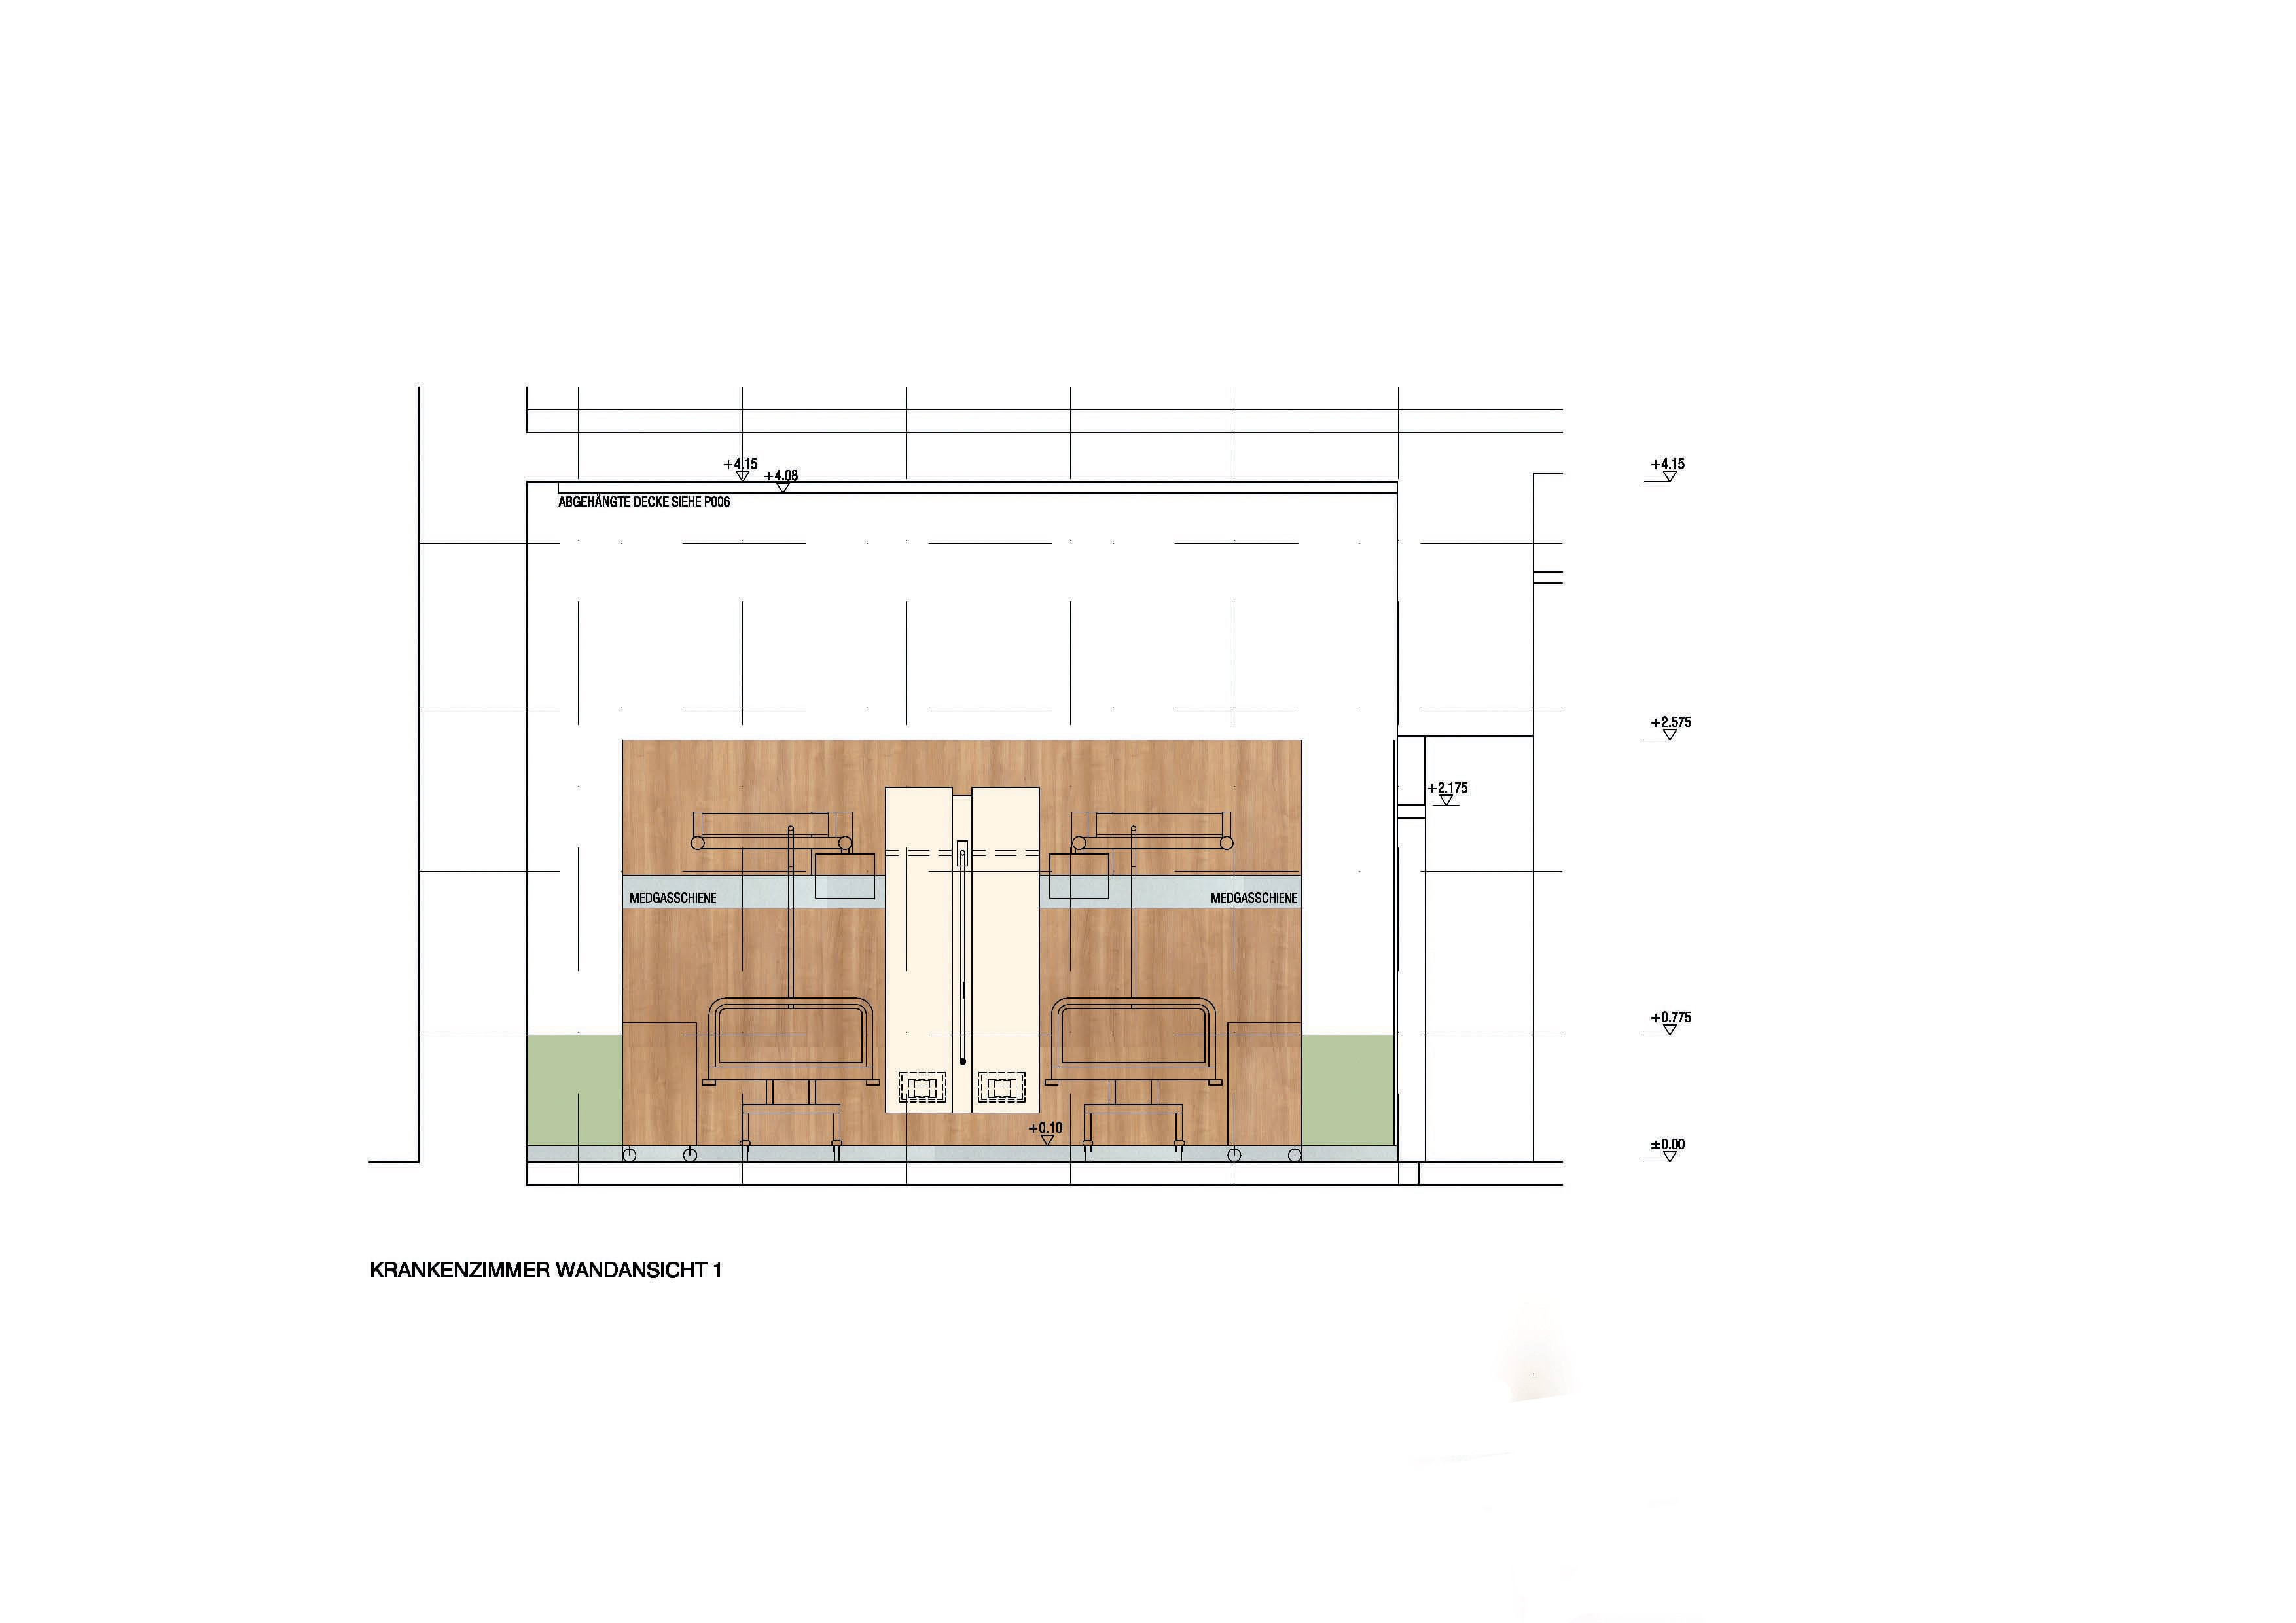 © RUNSER / PRANTL architekten, Wilhelminenspital Pavillon 26A, Stationssanierung, Ambulanz, Stroke Unit und Zubauten